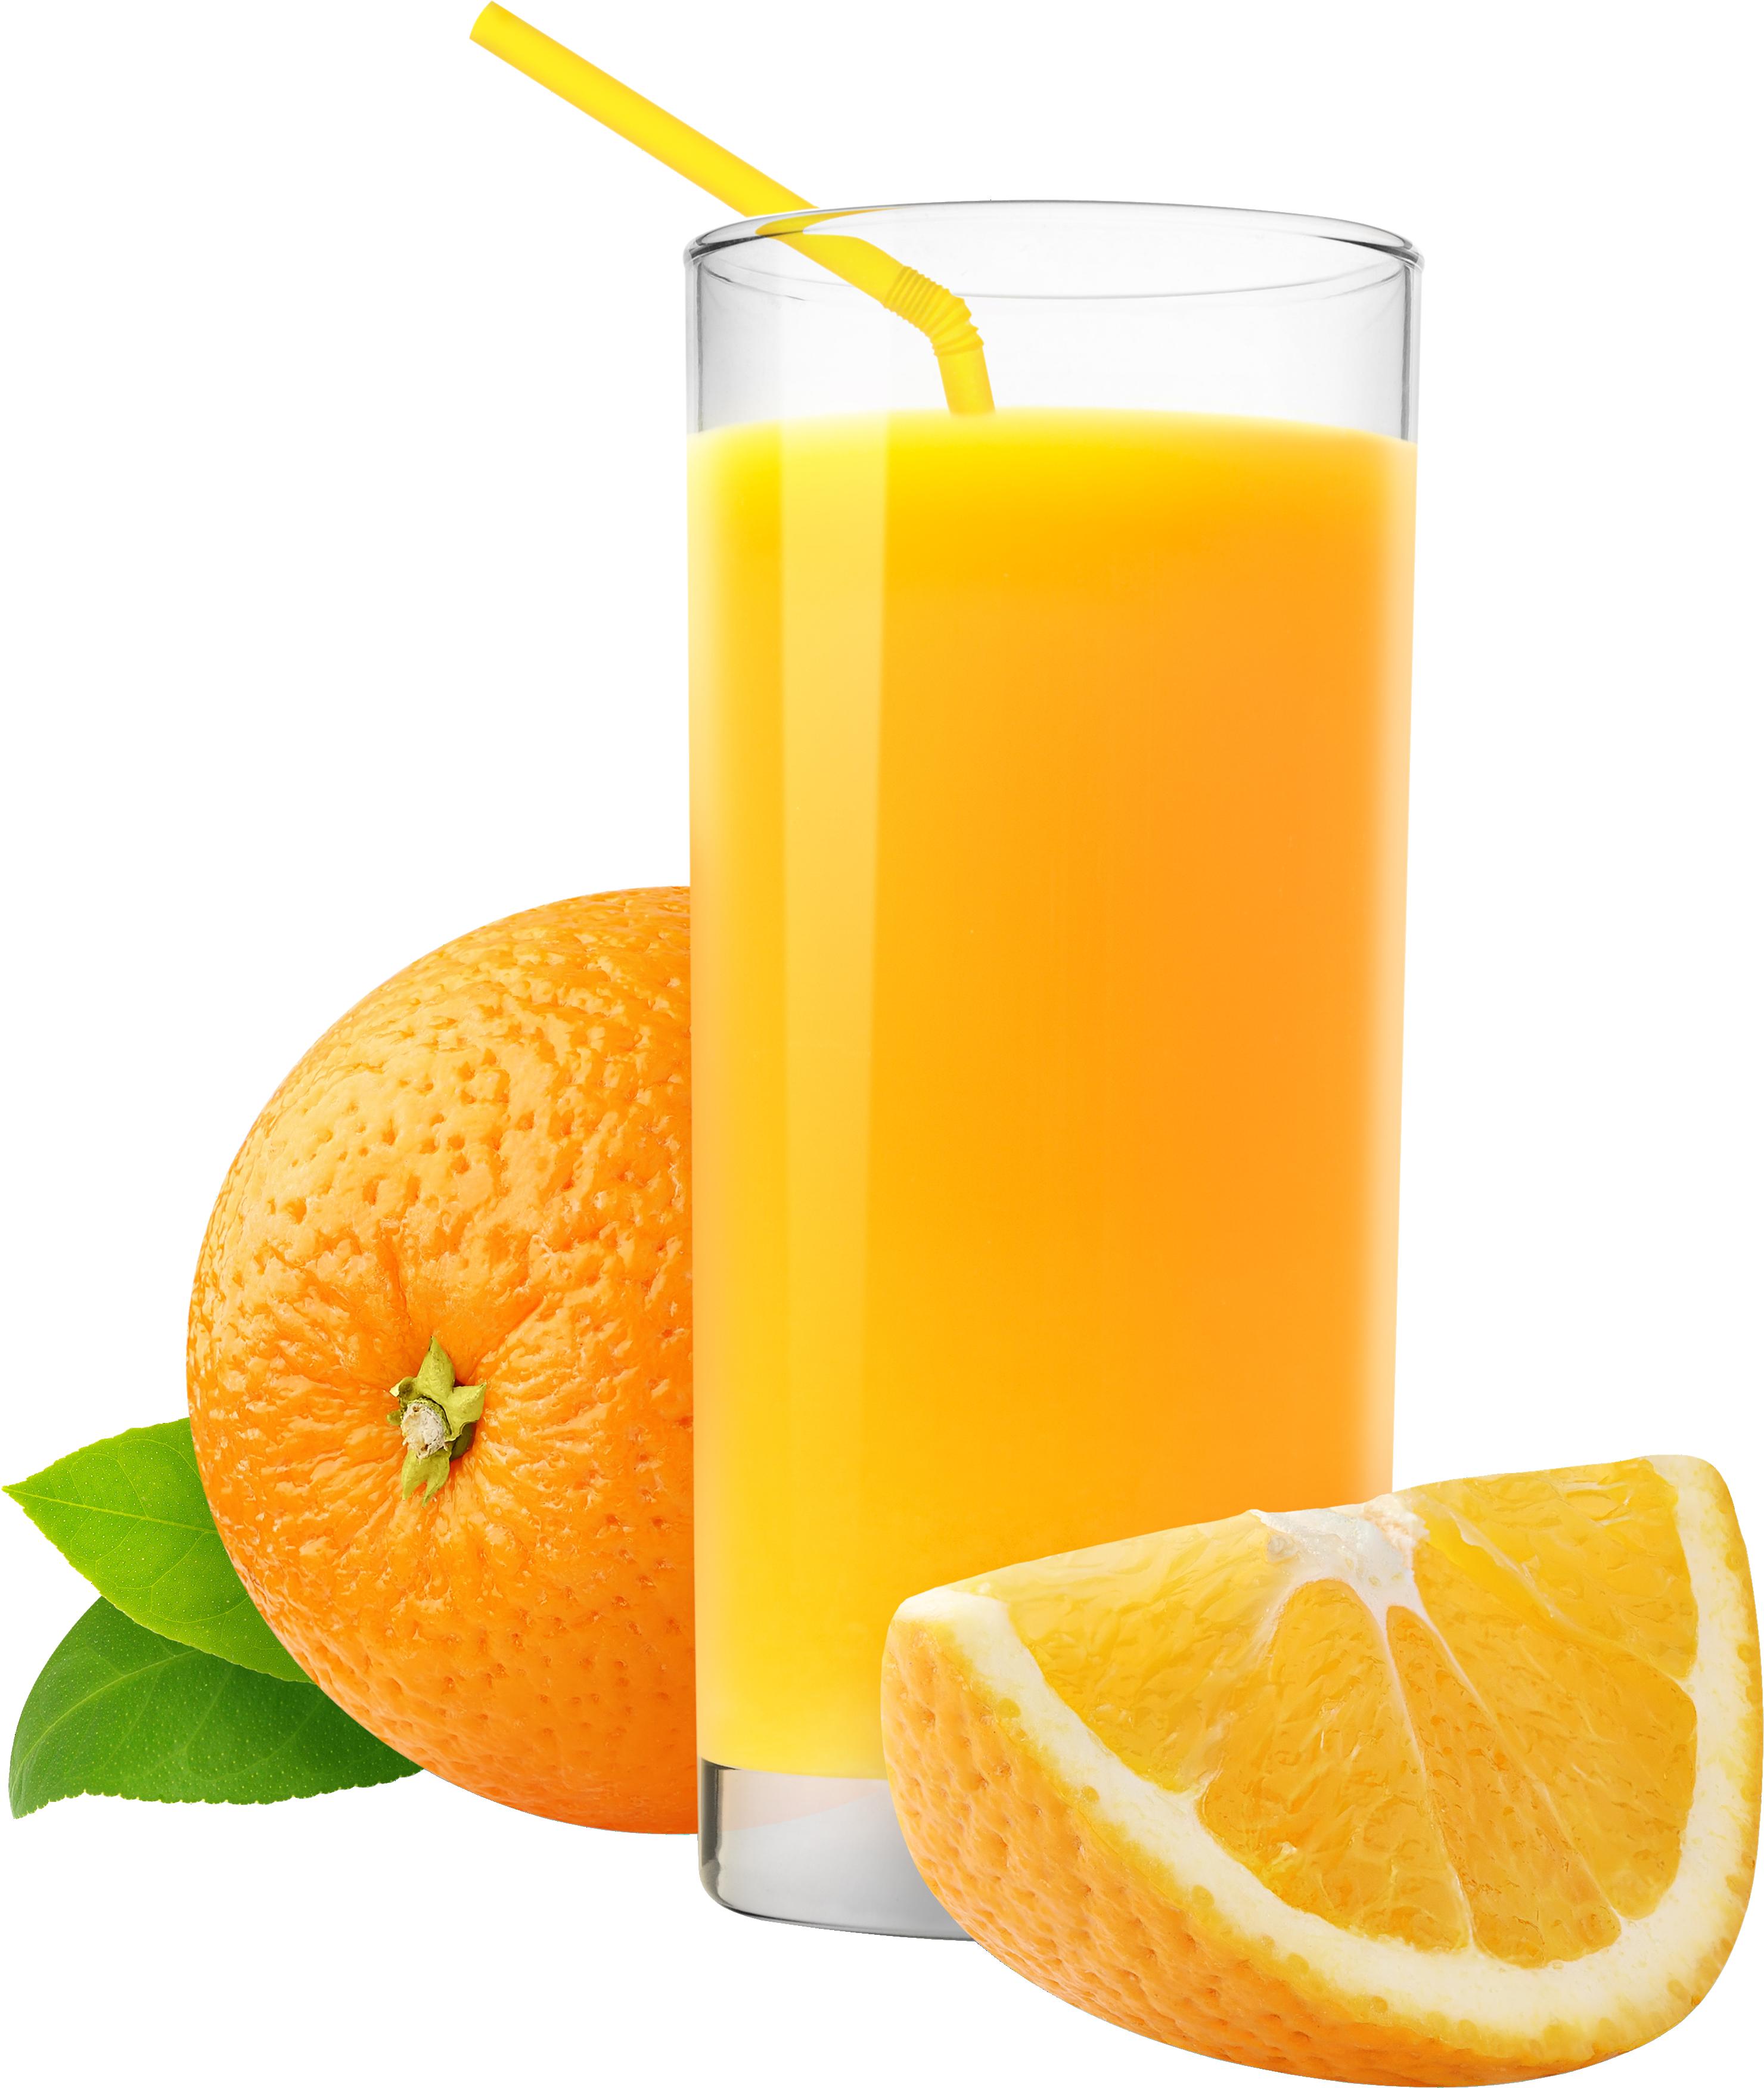 Orange Juice PNG Image.